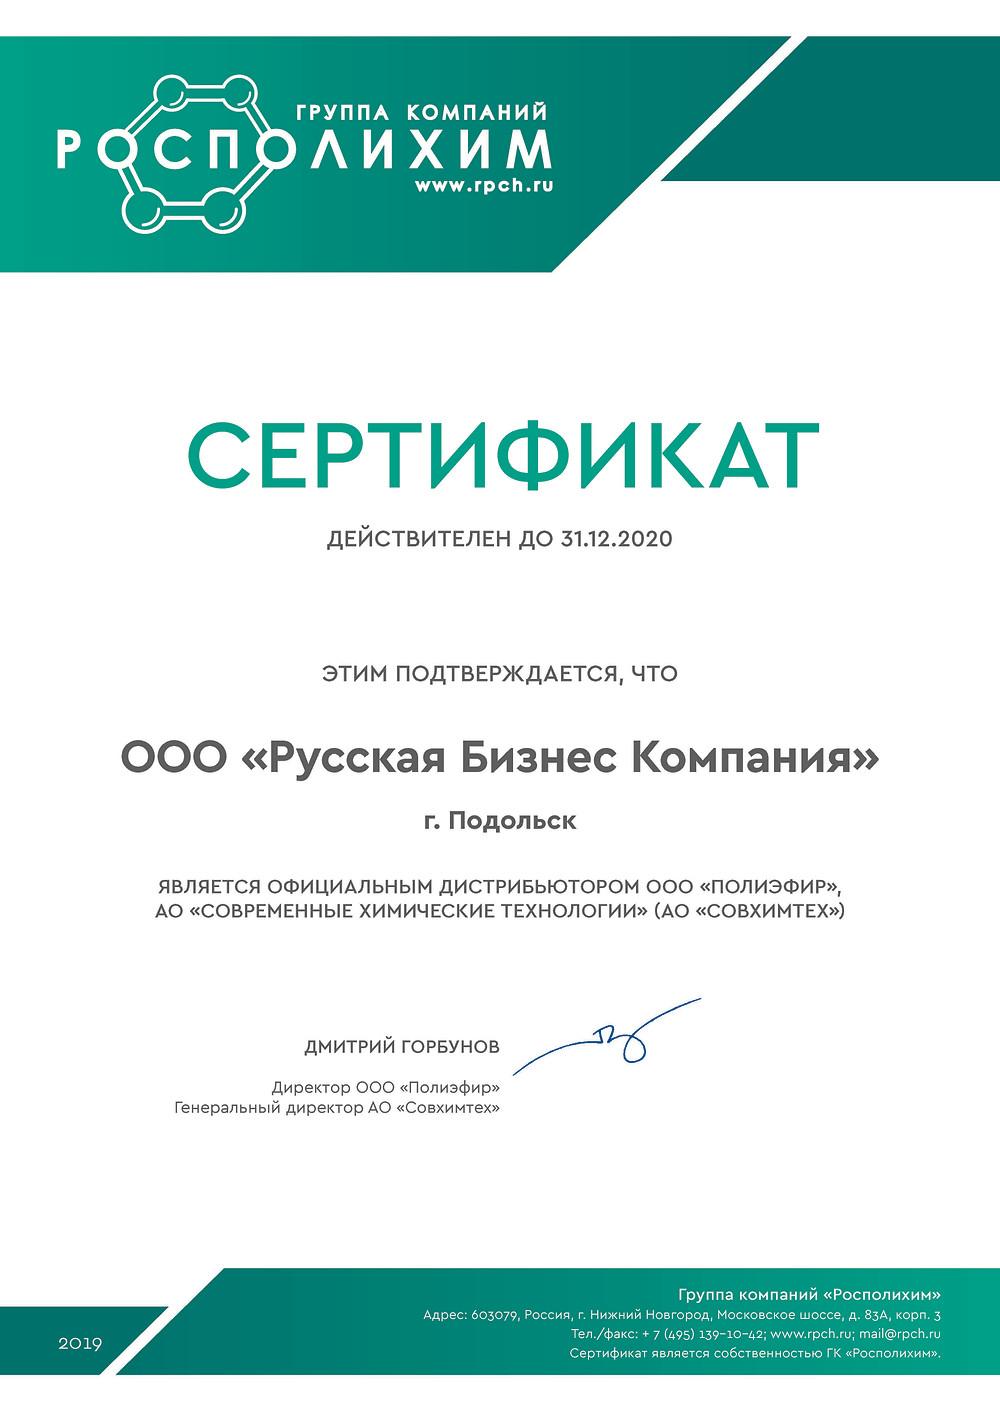 """По сложившейся традиции на протяжении нескольких лет мы получаем новый сертификат дистрибьютора ГК """"Росполихим"""", и этот год не стал исключением."""